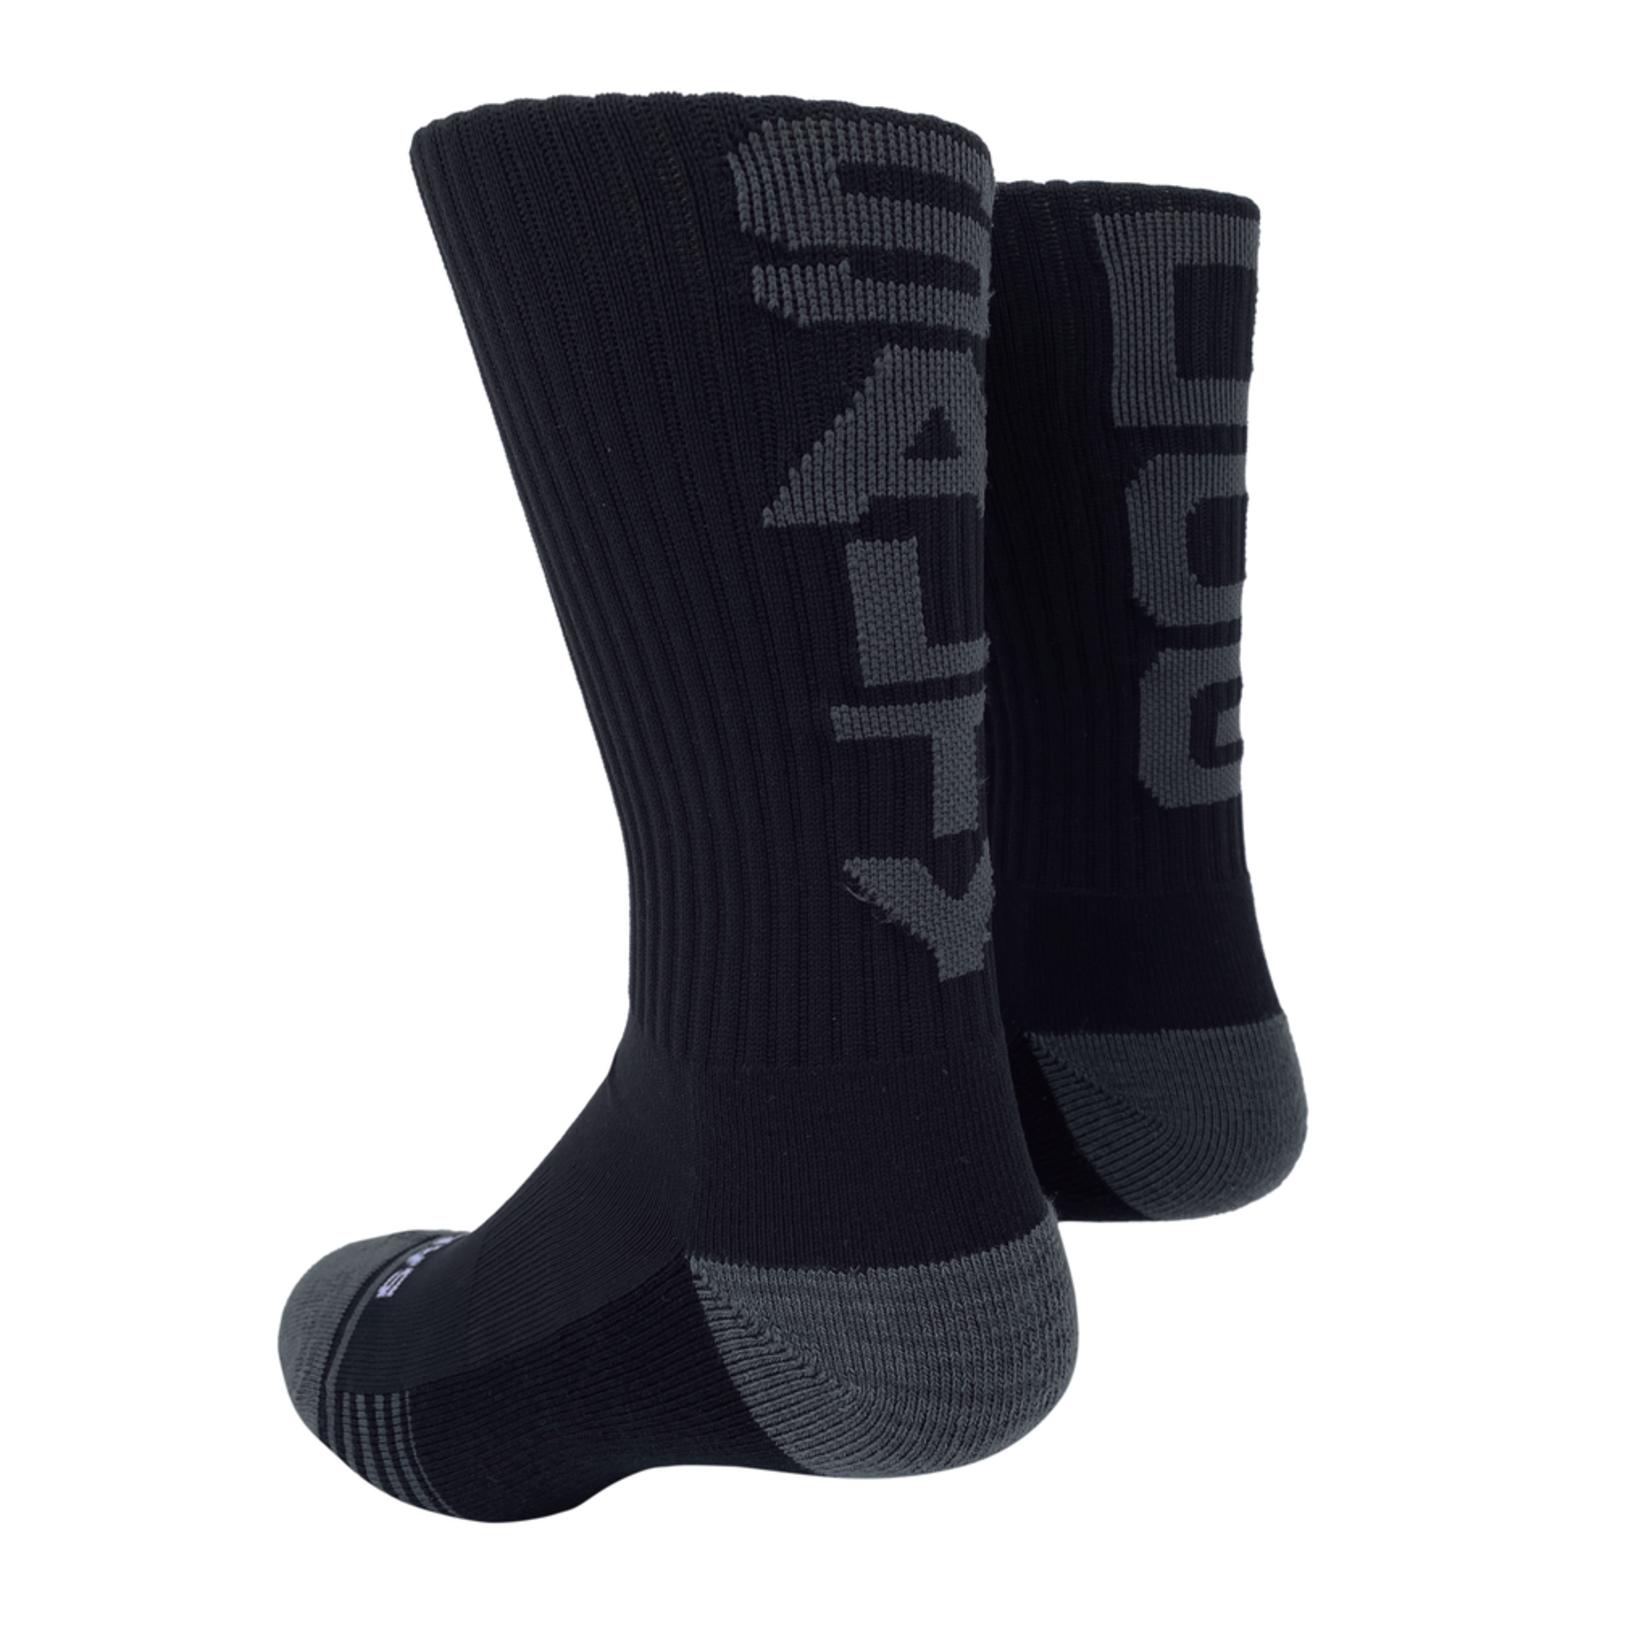 Socks-Salty Dog, BK/GY, OSFA